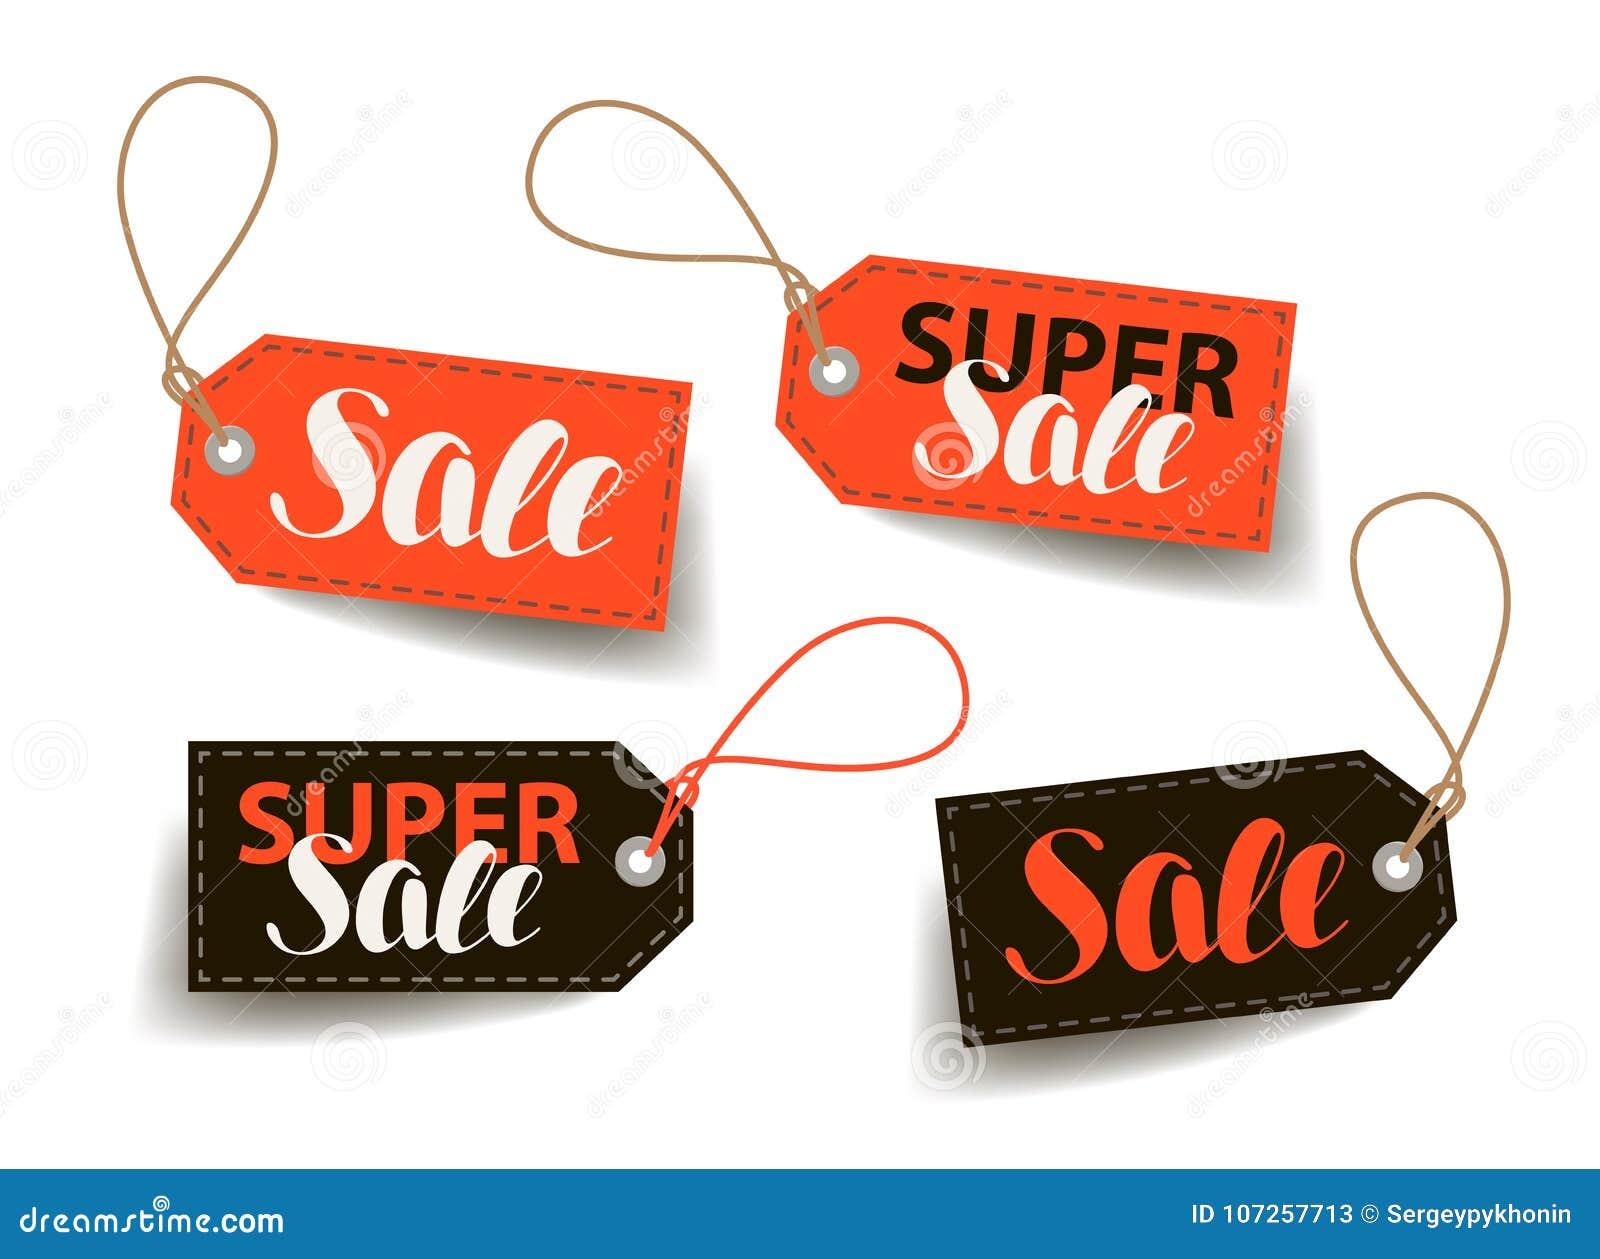 Verkoop, prijskaartje Het winkelen, handel, goedkoop etiket Van letters voorziende Vectorillustratie